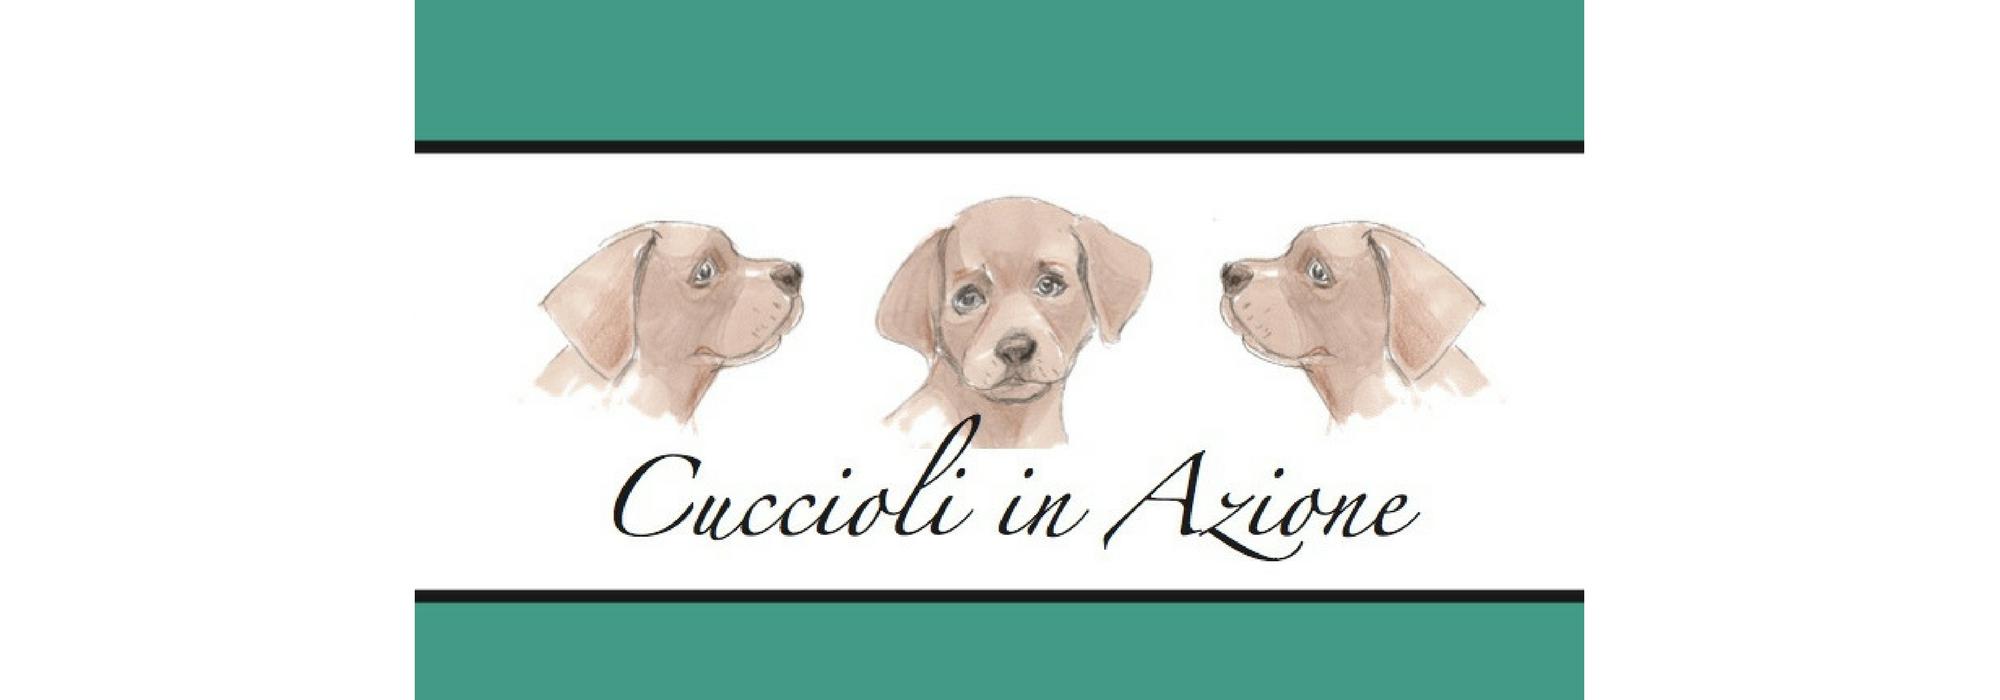 Cuccioli in Azione - cover